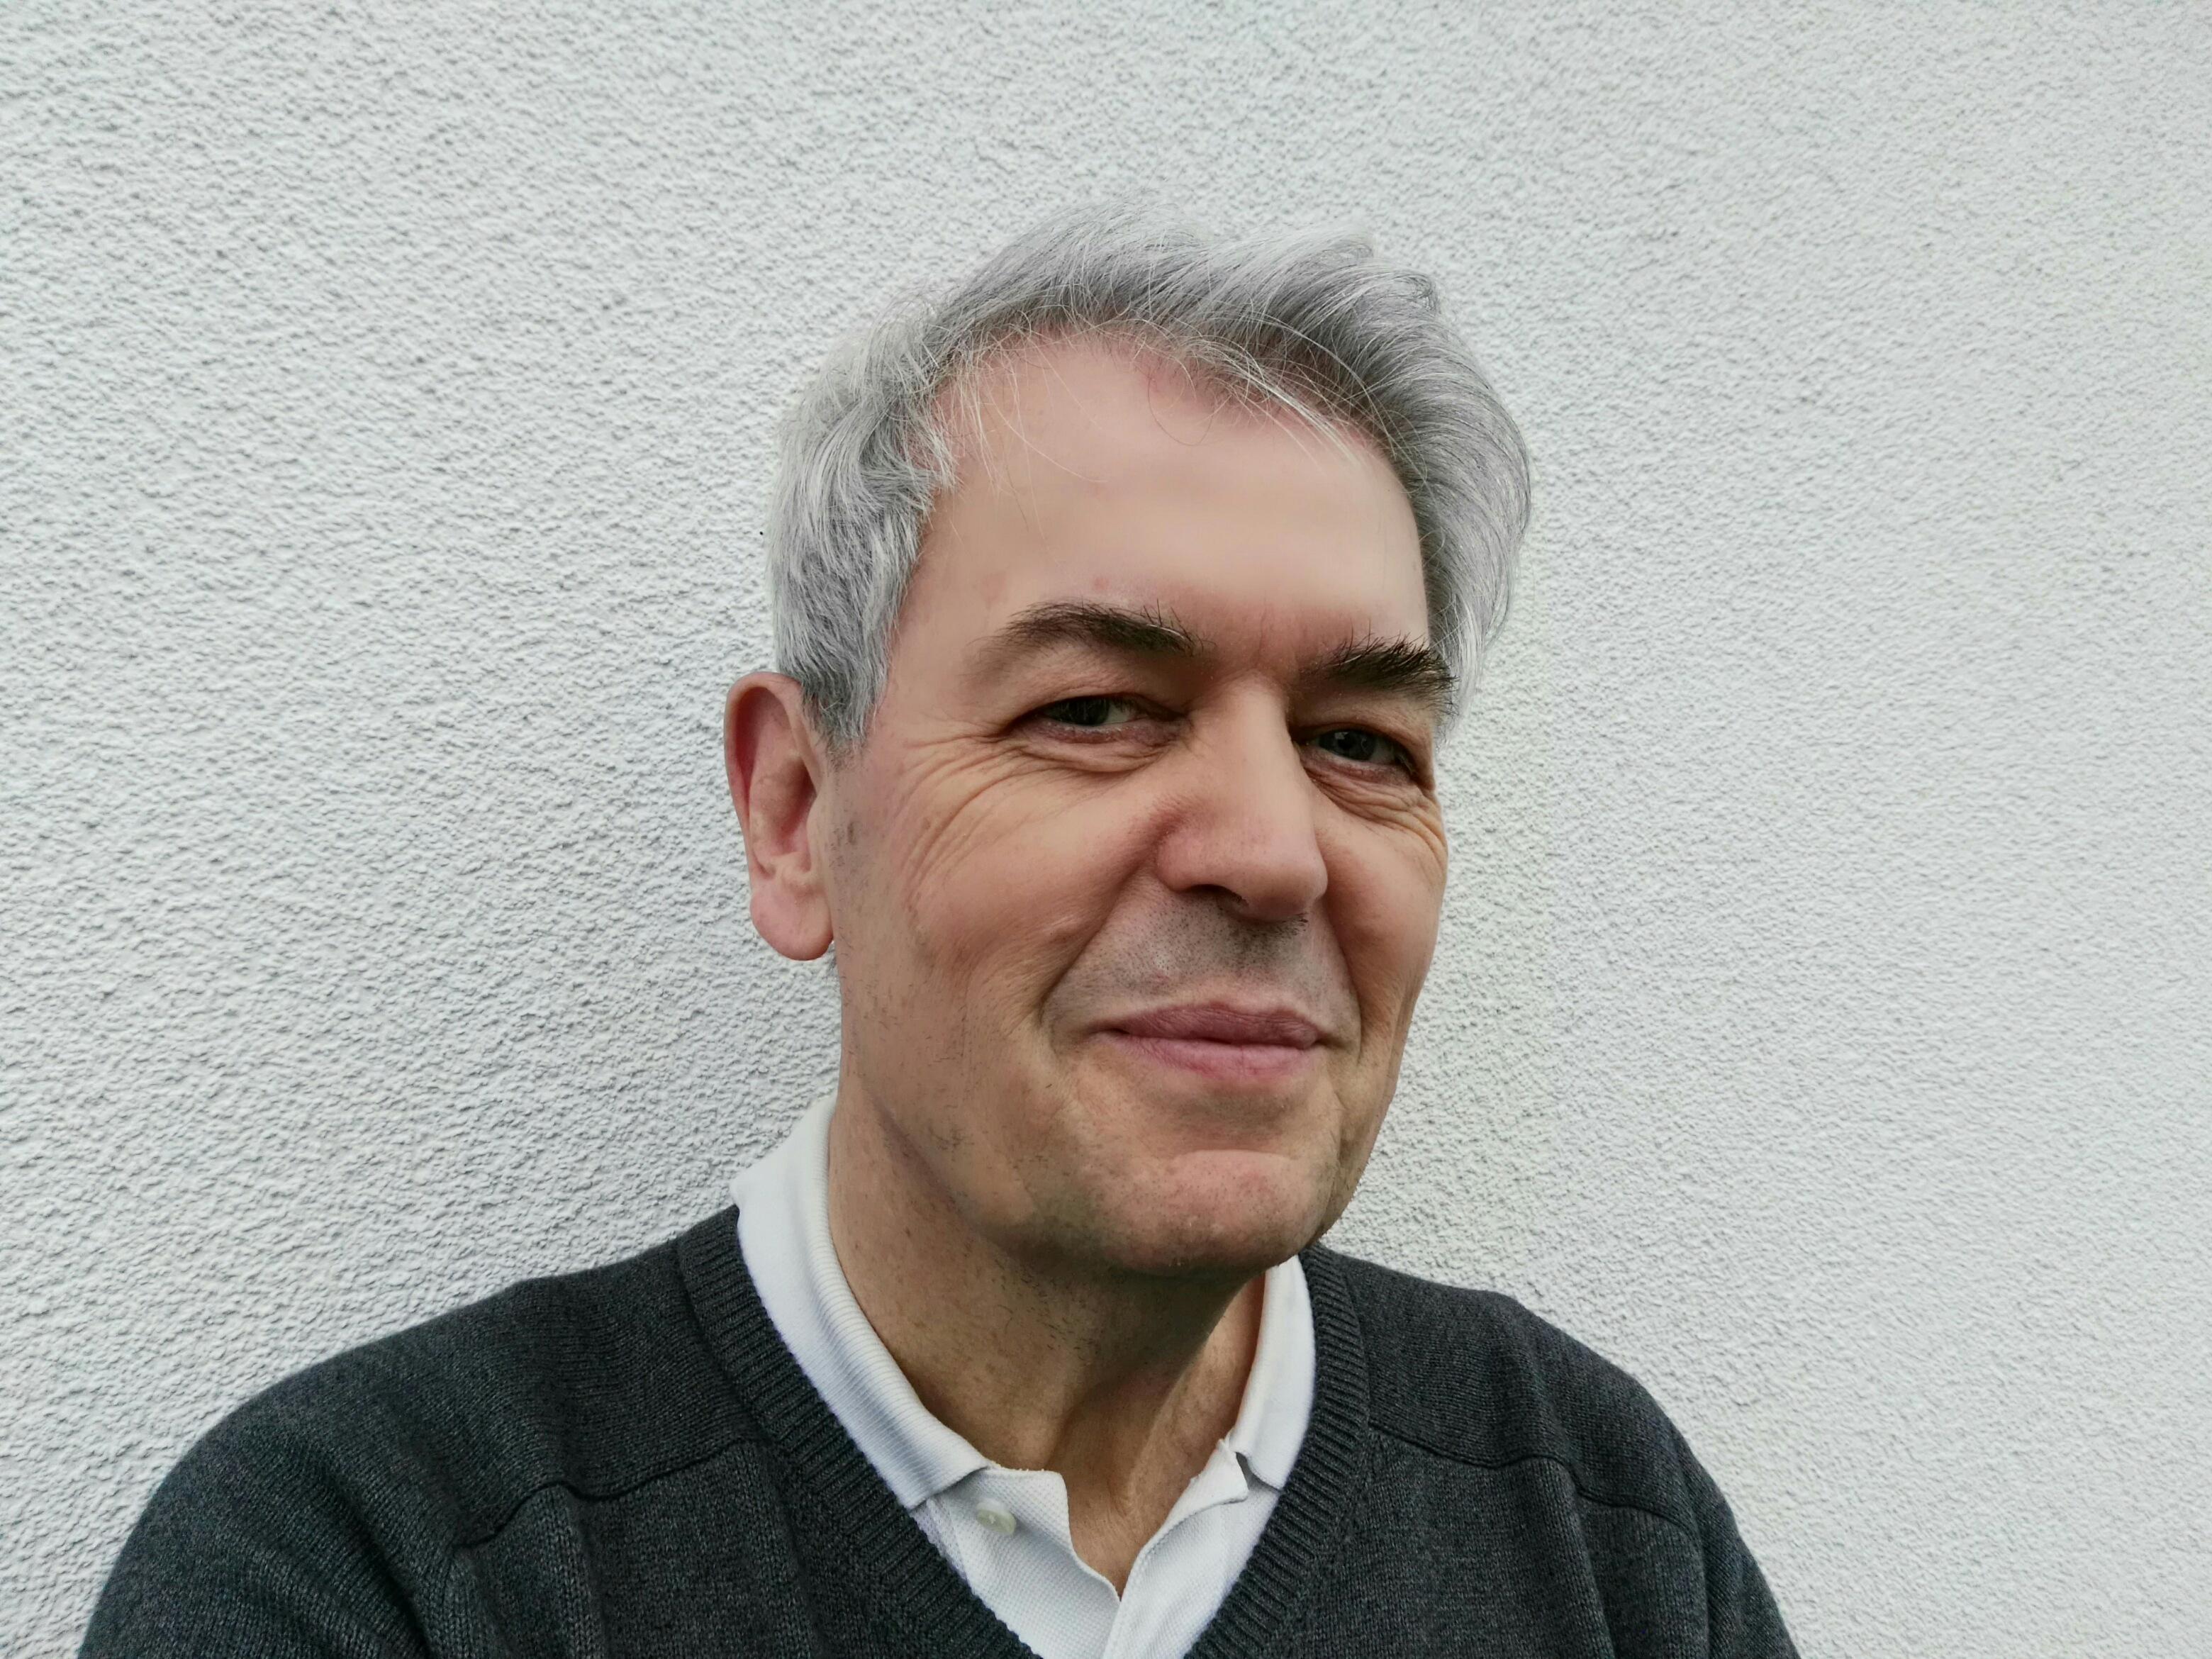 L'invité de FuturHebdo #1 : Luc Dellisse, auteur et essayiste